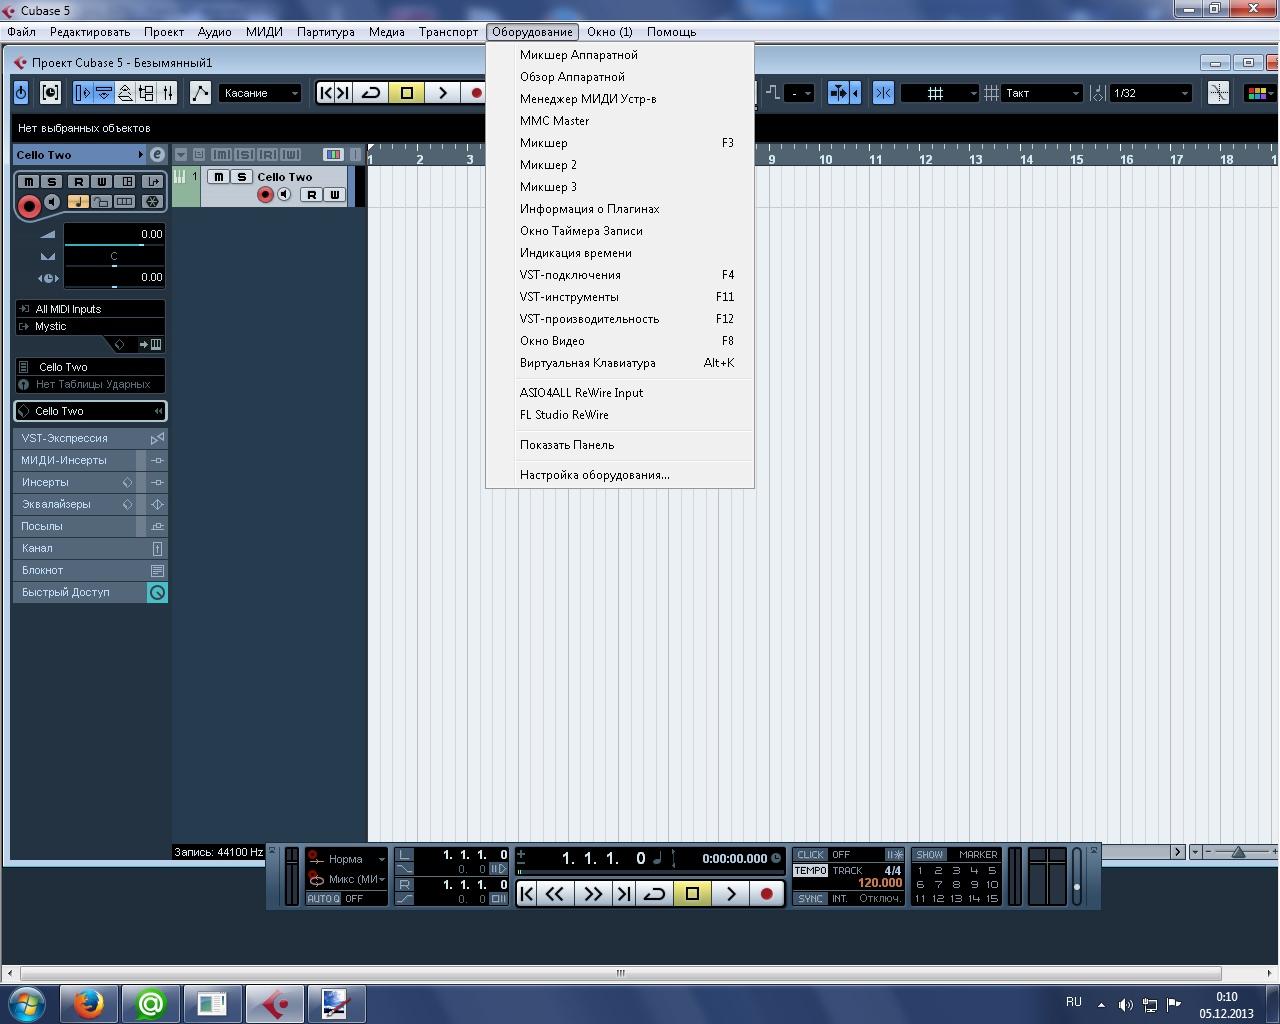 Os cubase mac для программу 5